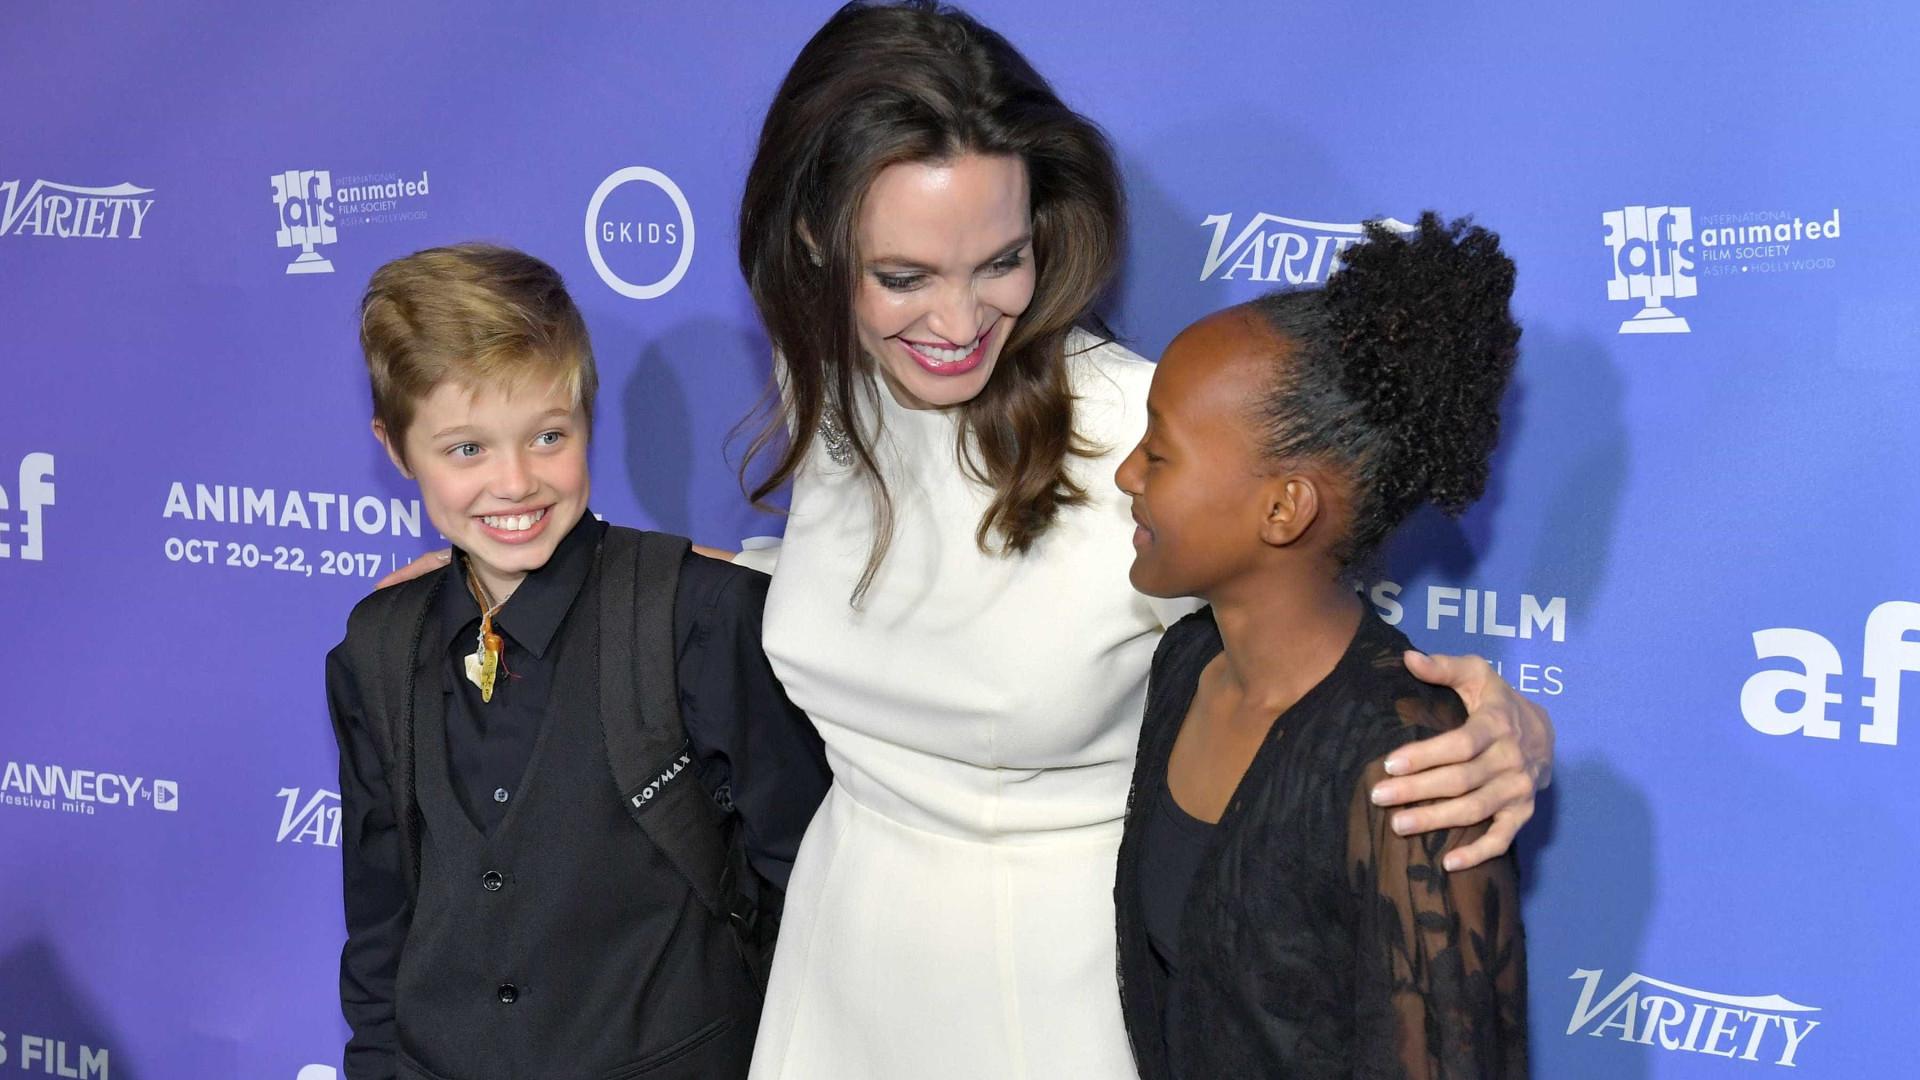 Após divórcio, Angelina Jolie opta por educação em casa para os filhos